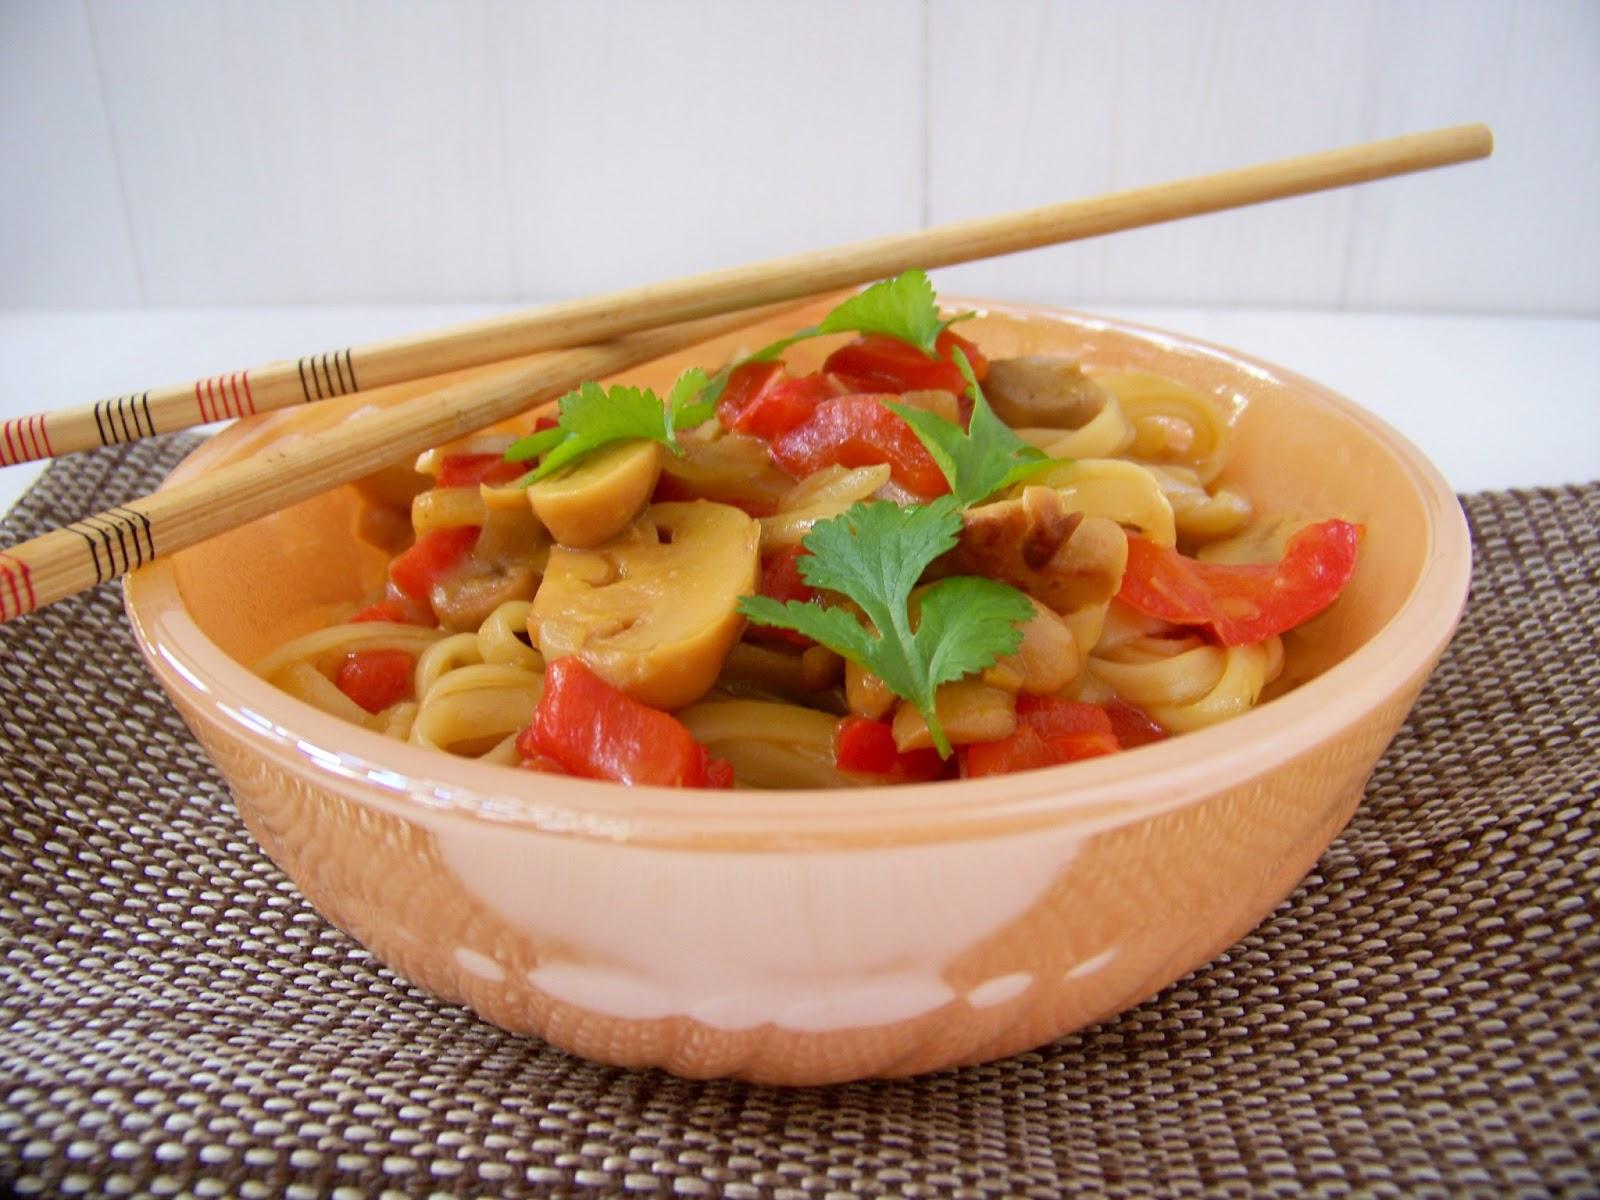 Come Y Disfruta Tallarines Tom Yam Cocina Tailandesa